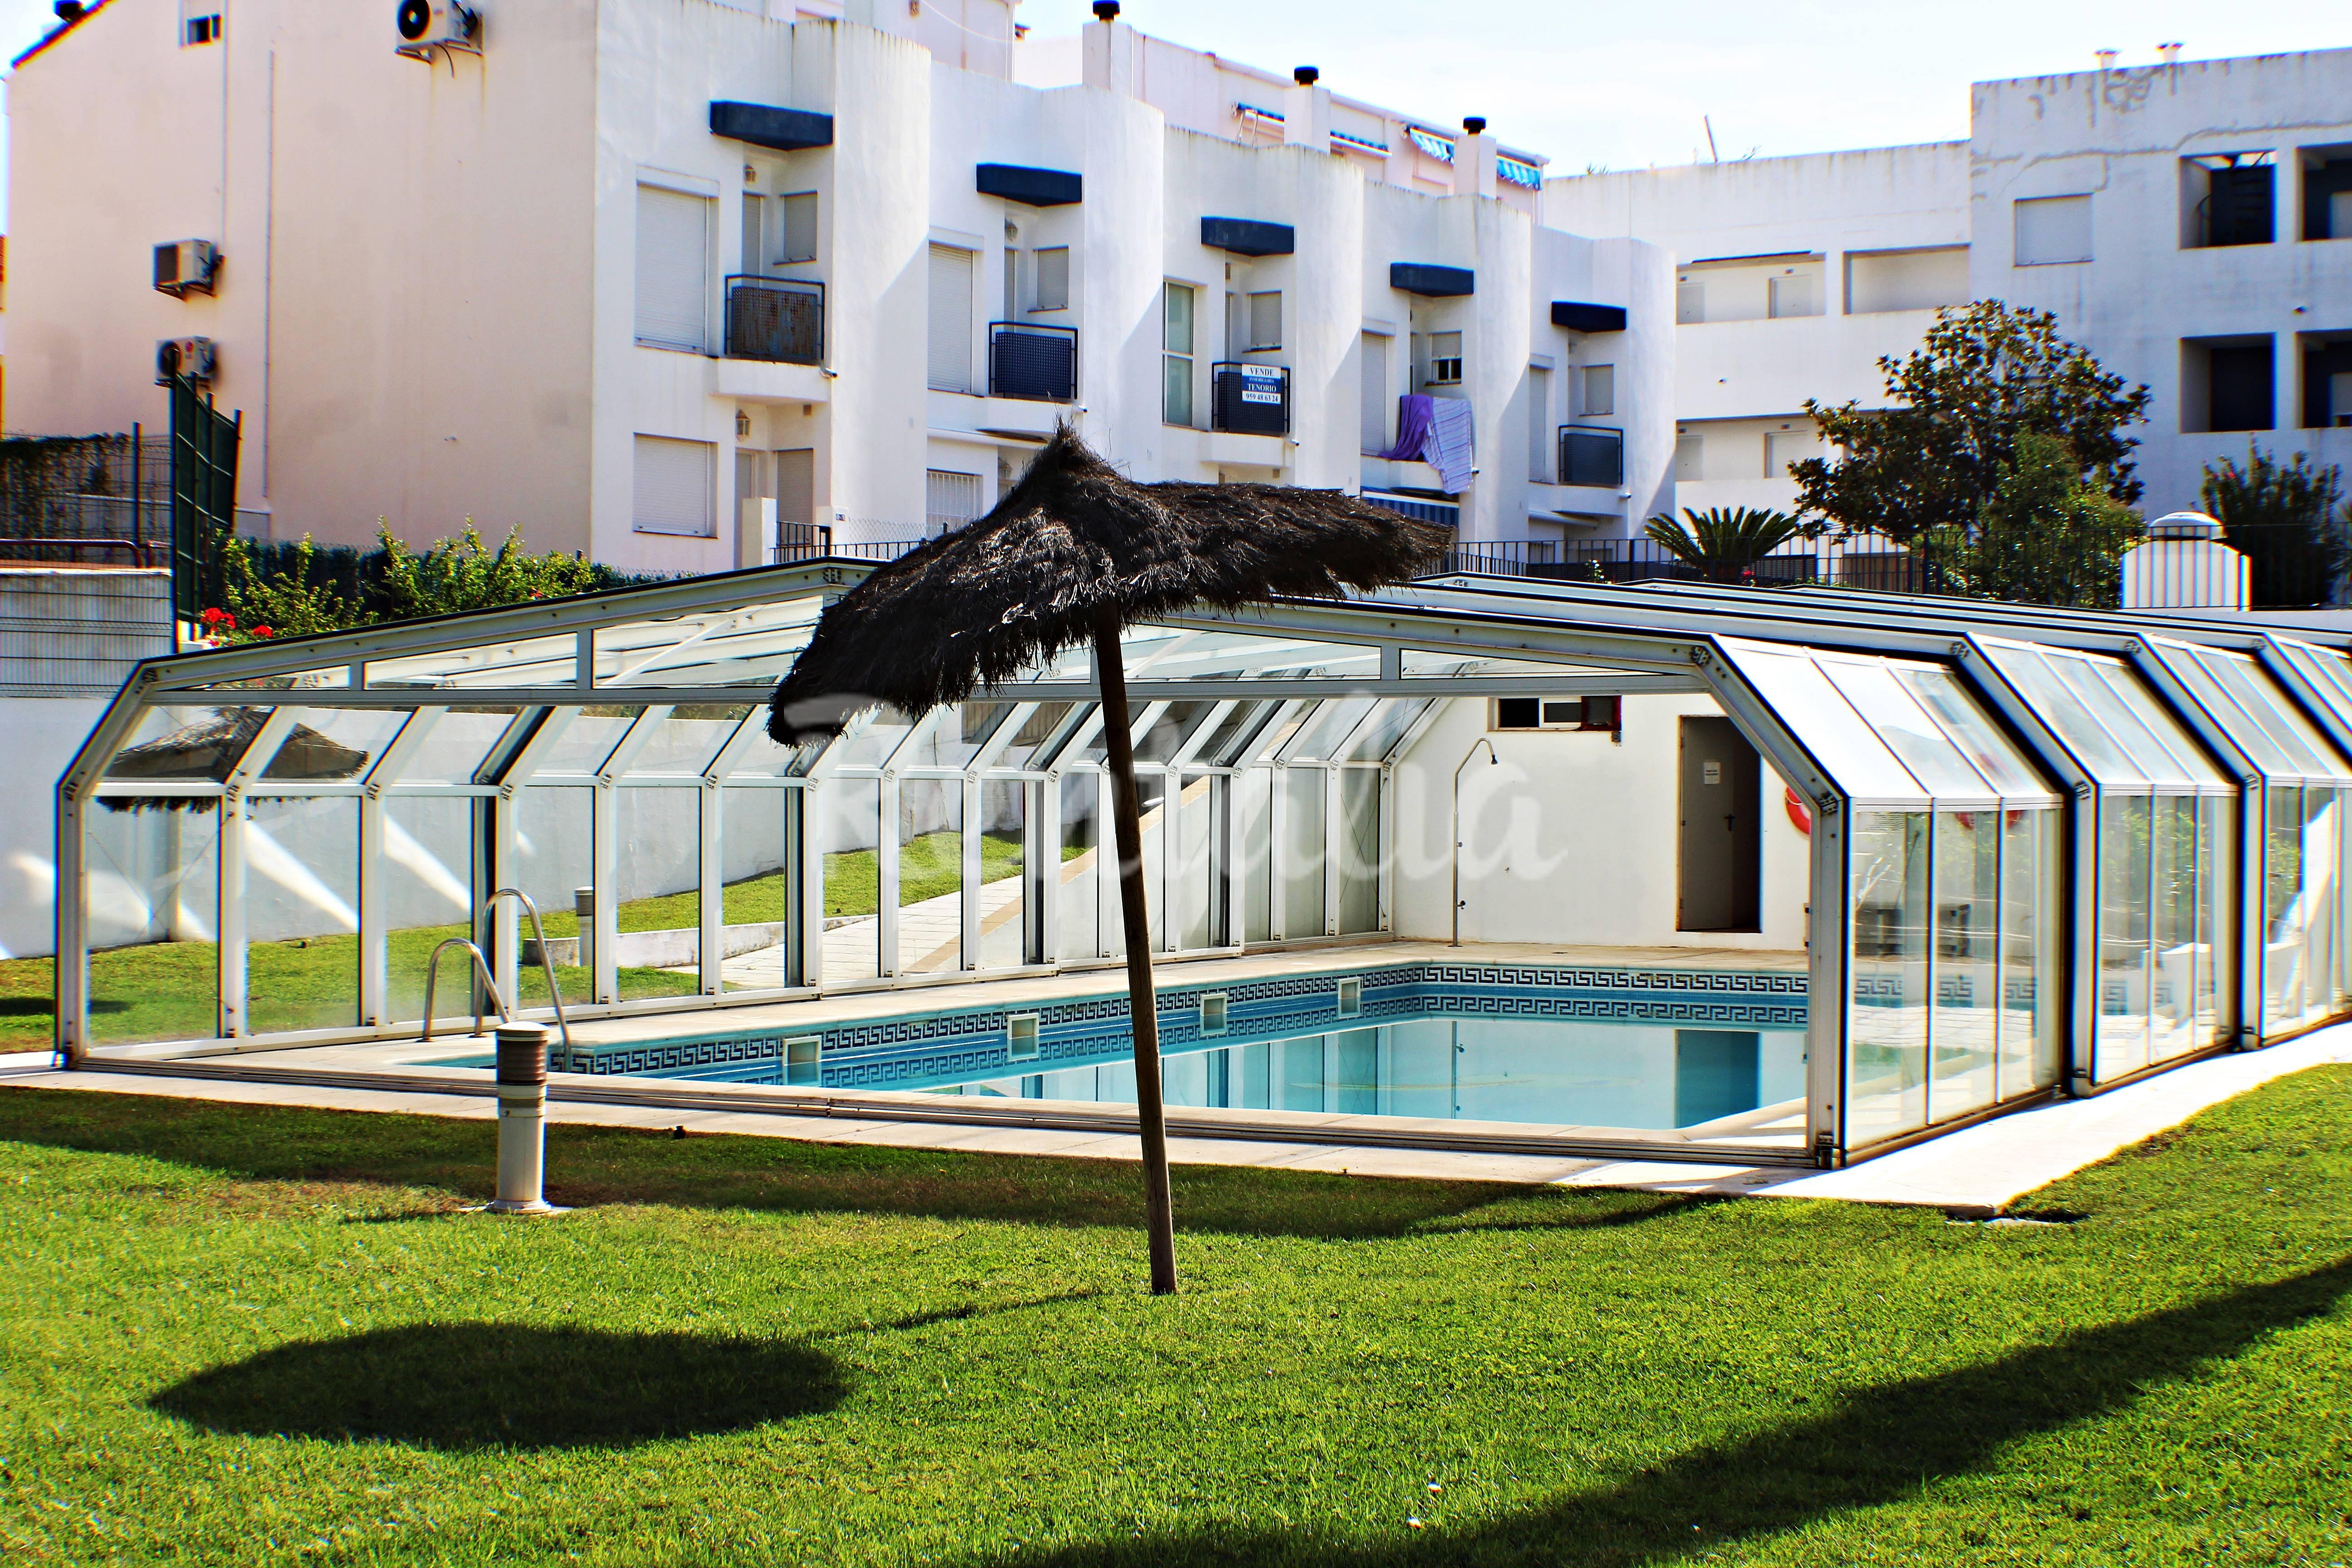 Apartamento para 2 4 personas a 600 m de la playa - Rentalia islantilla ...